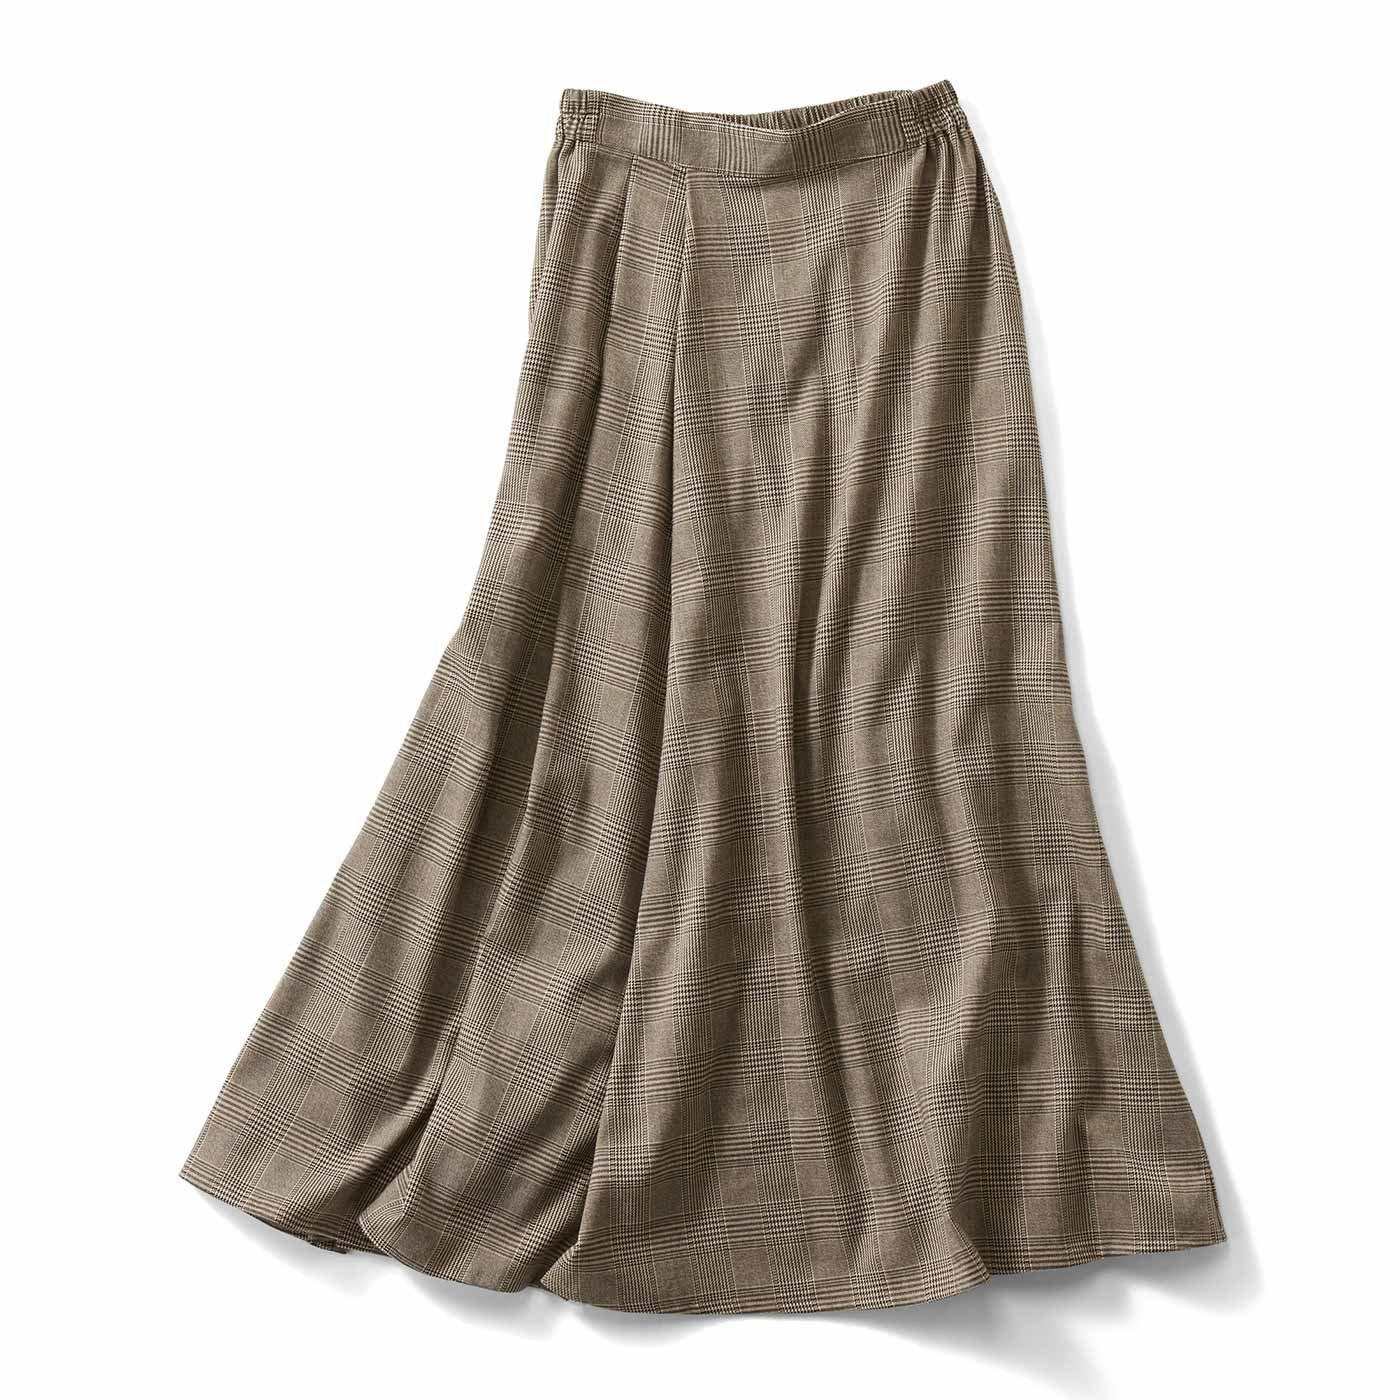 【3~10日でお届け】IEDIT[イディット] タックデザインのチェック柄マキシスカート〈ベージュ〉